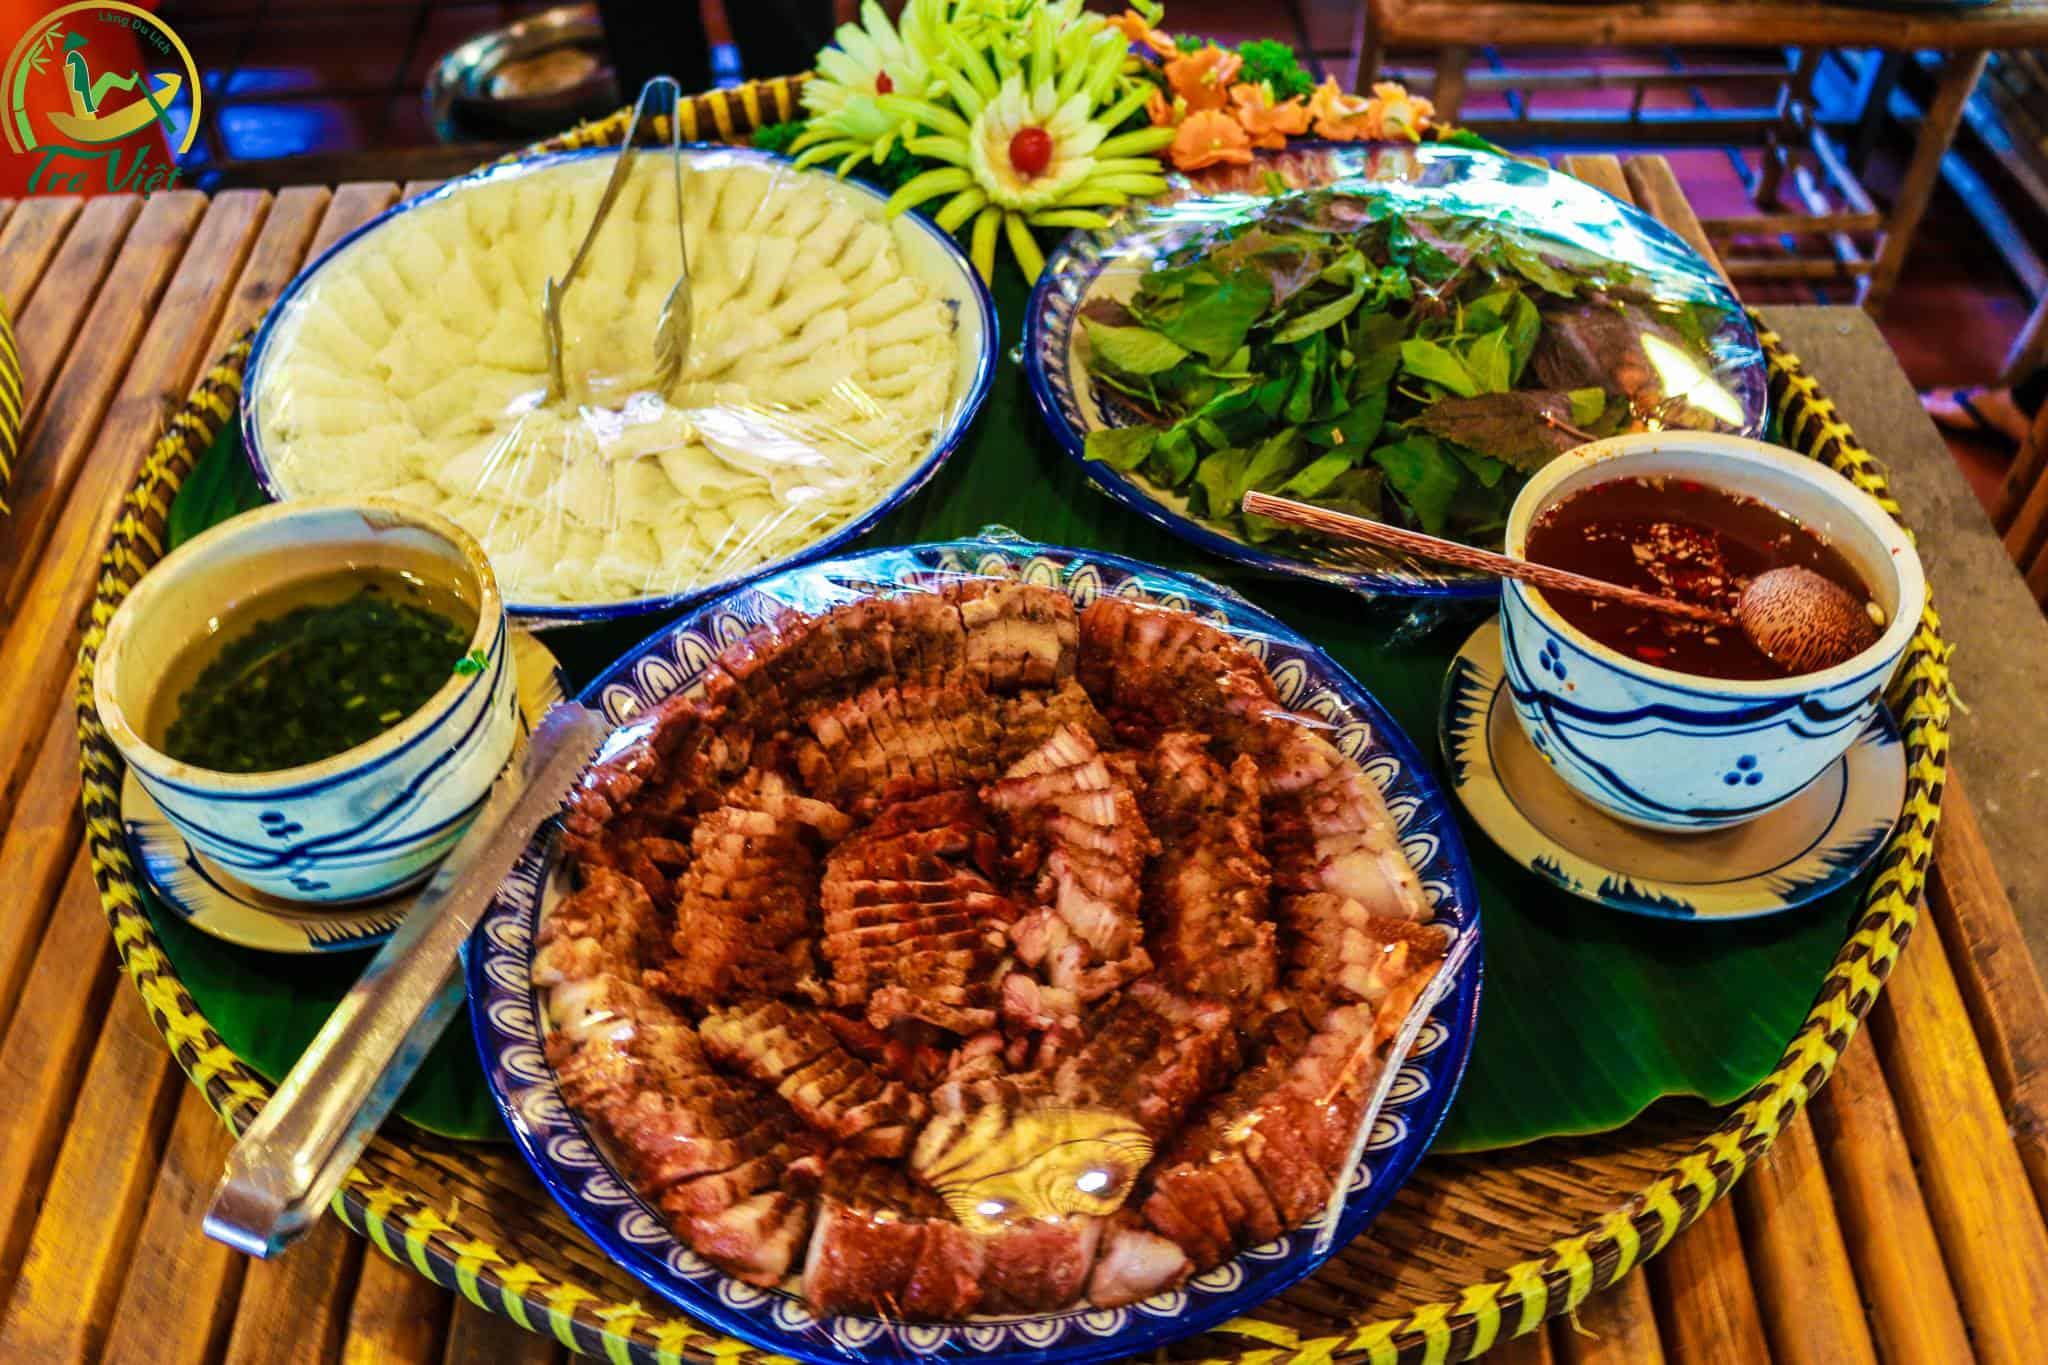 Các món ăn dân dã đơn giản nhưng vô cùng hấp dẫn.